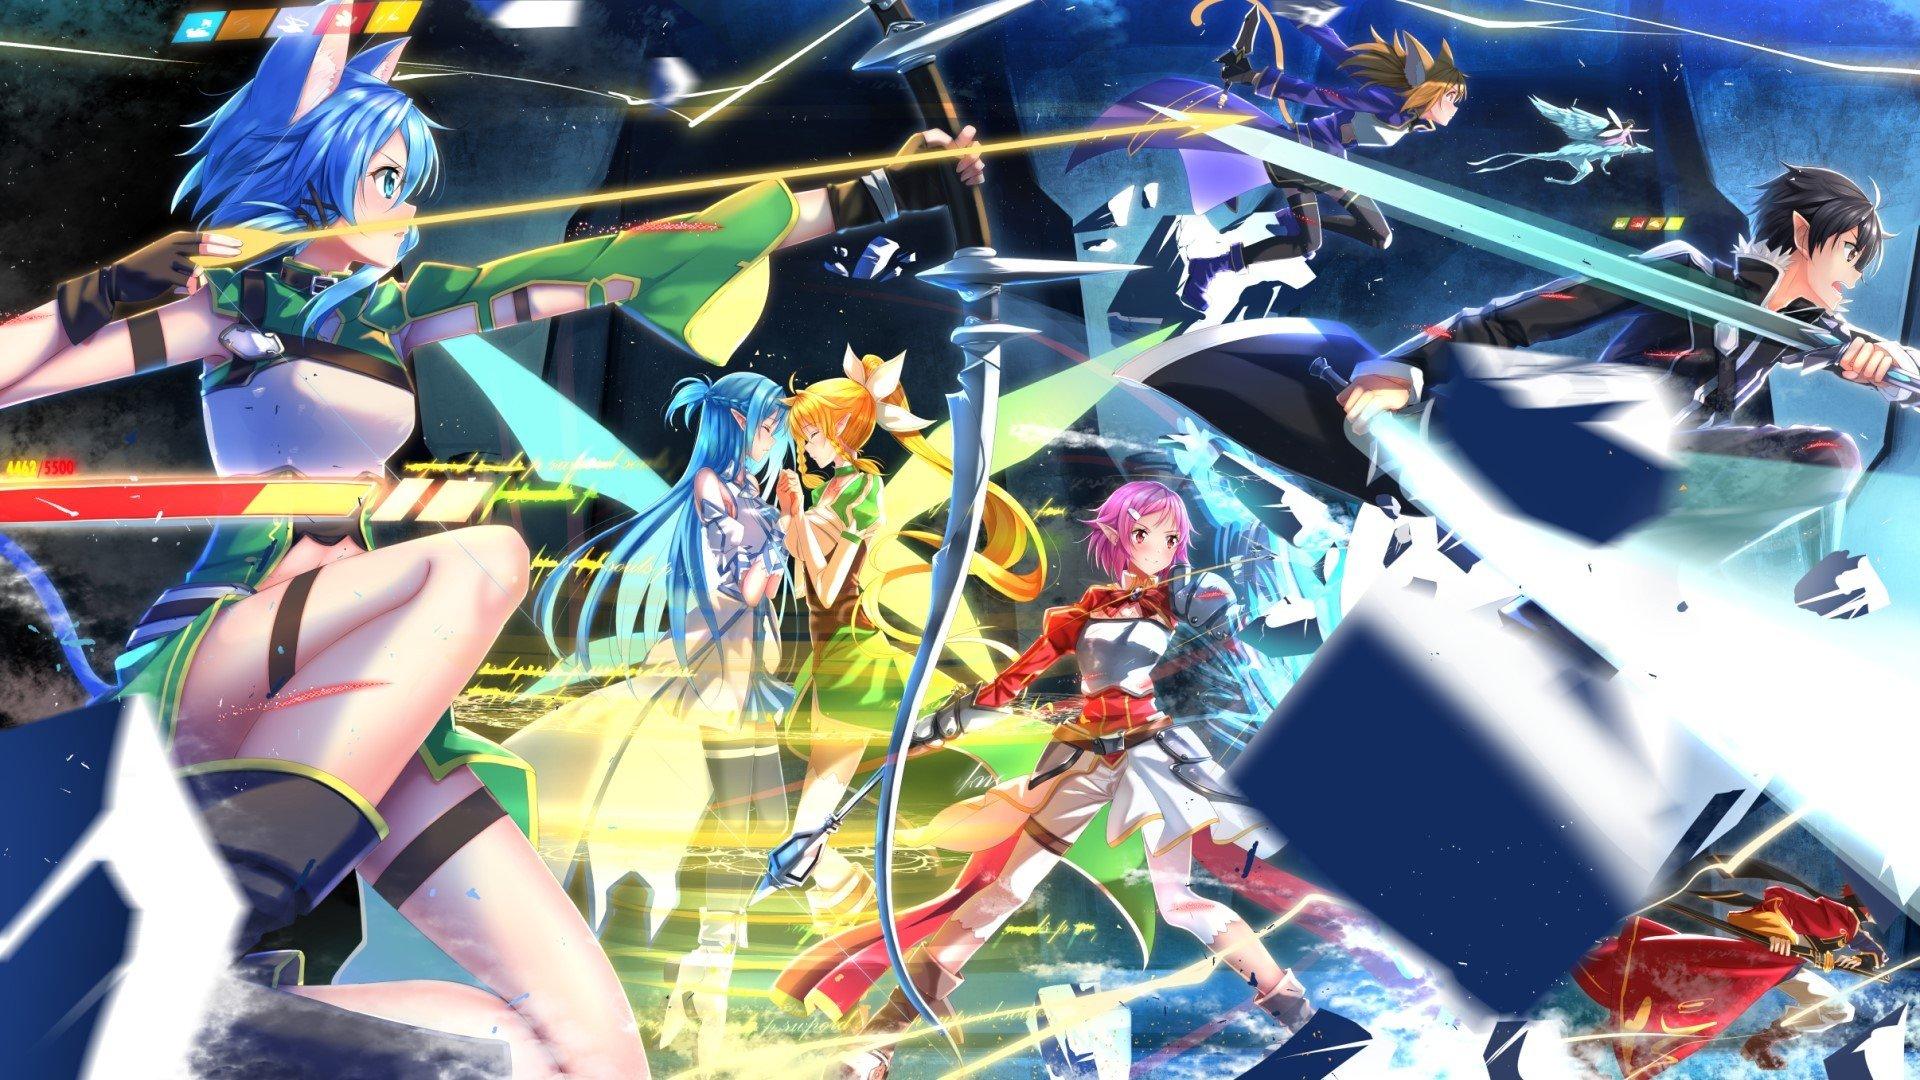 Sword Art Online, Asada Shino, Shinozaki Rika, Yuuki Asuna, Kirigaya Kazuto, Tsuboi Ryotaro, Ayano Keiko, Kirigaya Suguha Wallpaper